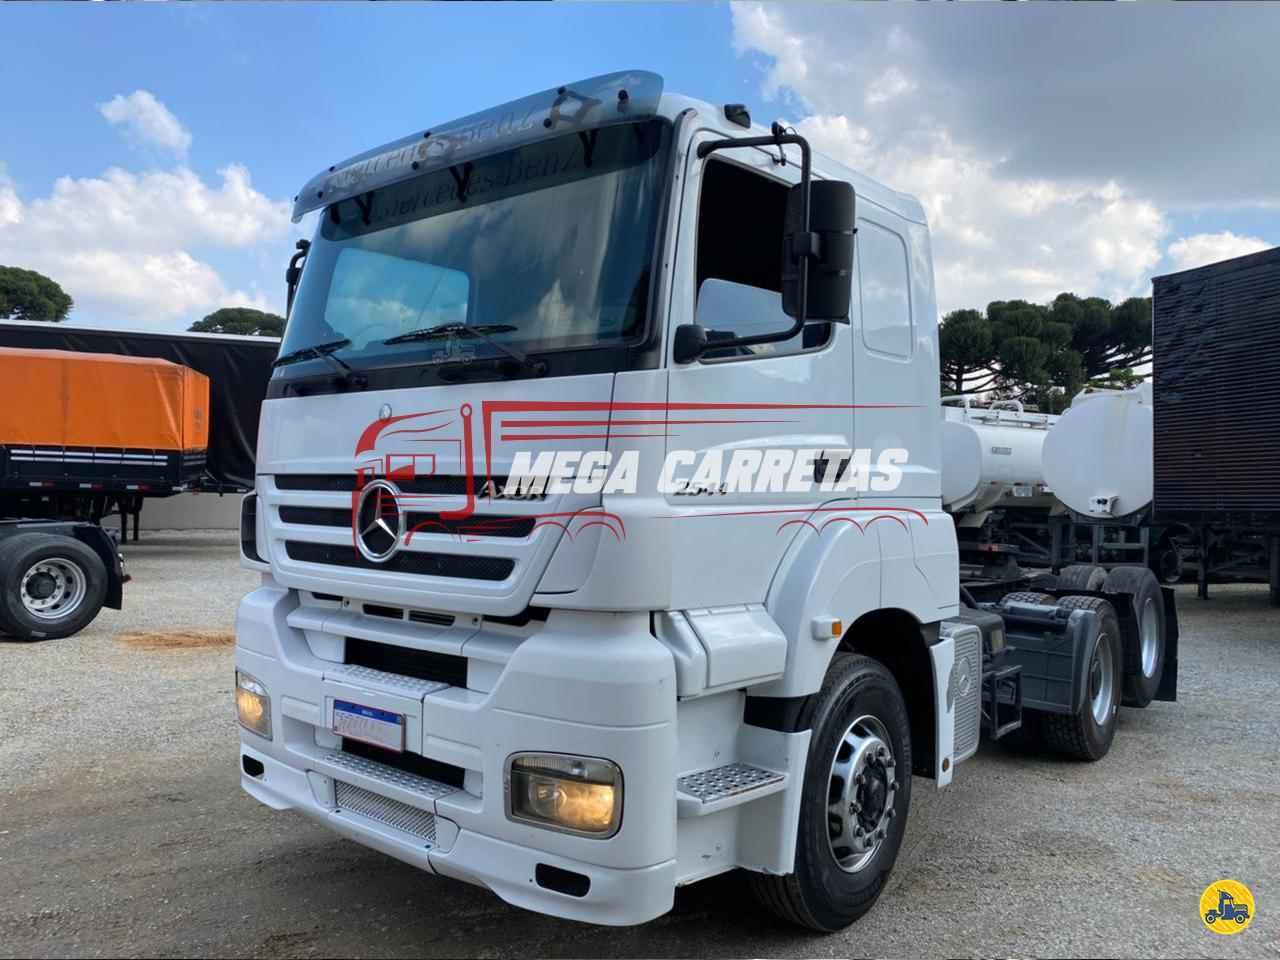 CAMINHAO MERCEDES-BENZ MB 2544 Cavalo Mecânico Truck 6x2 Mega Carretas COLOMBO PARANÁ PR